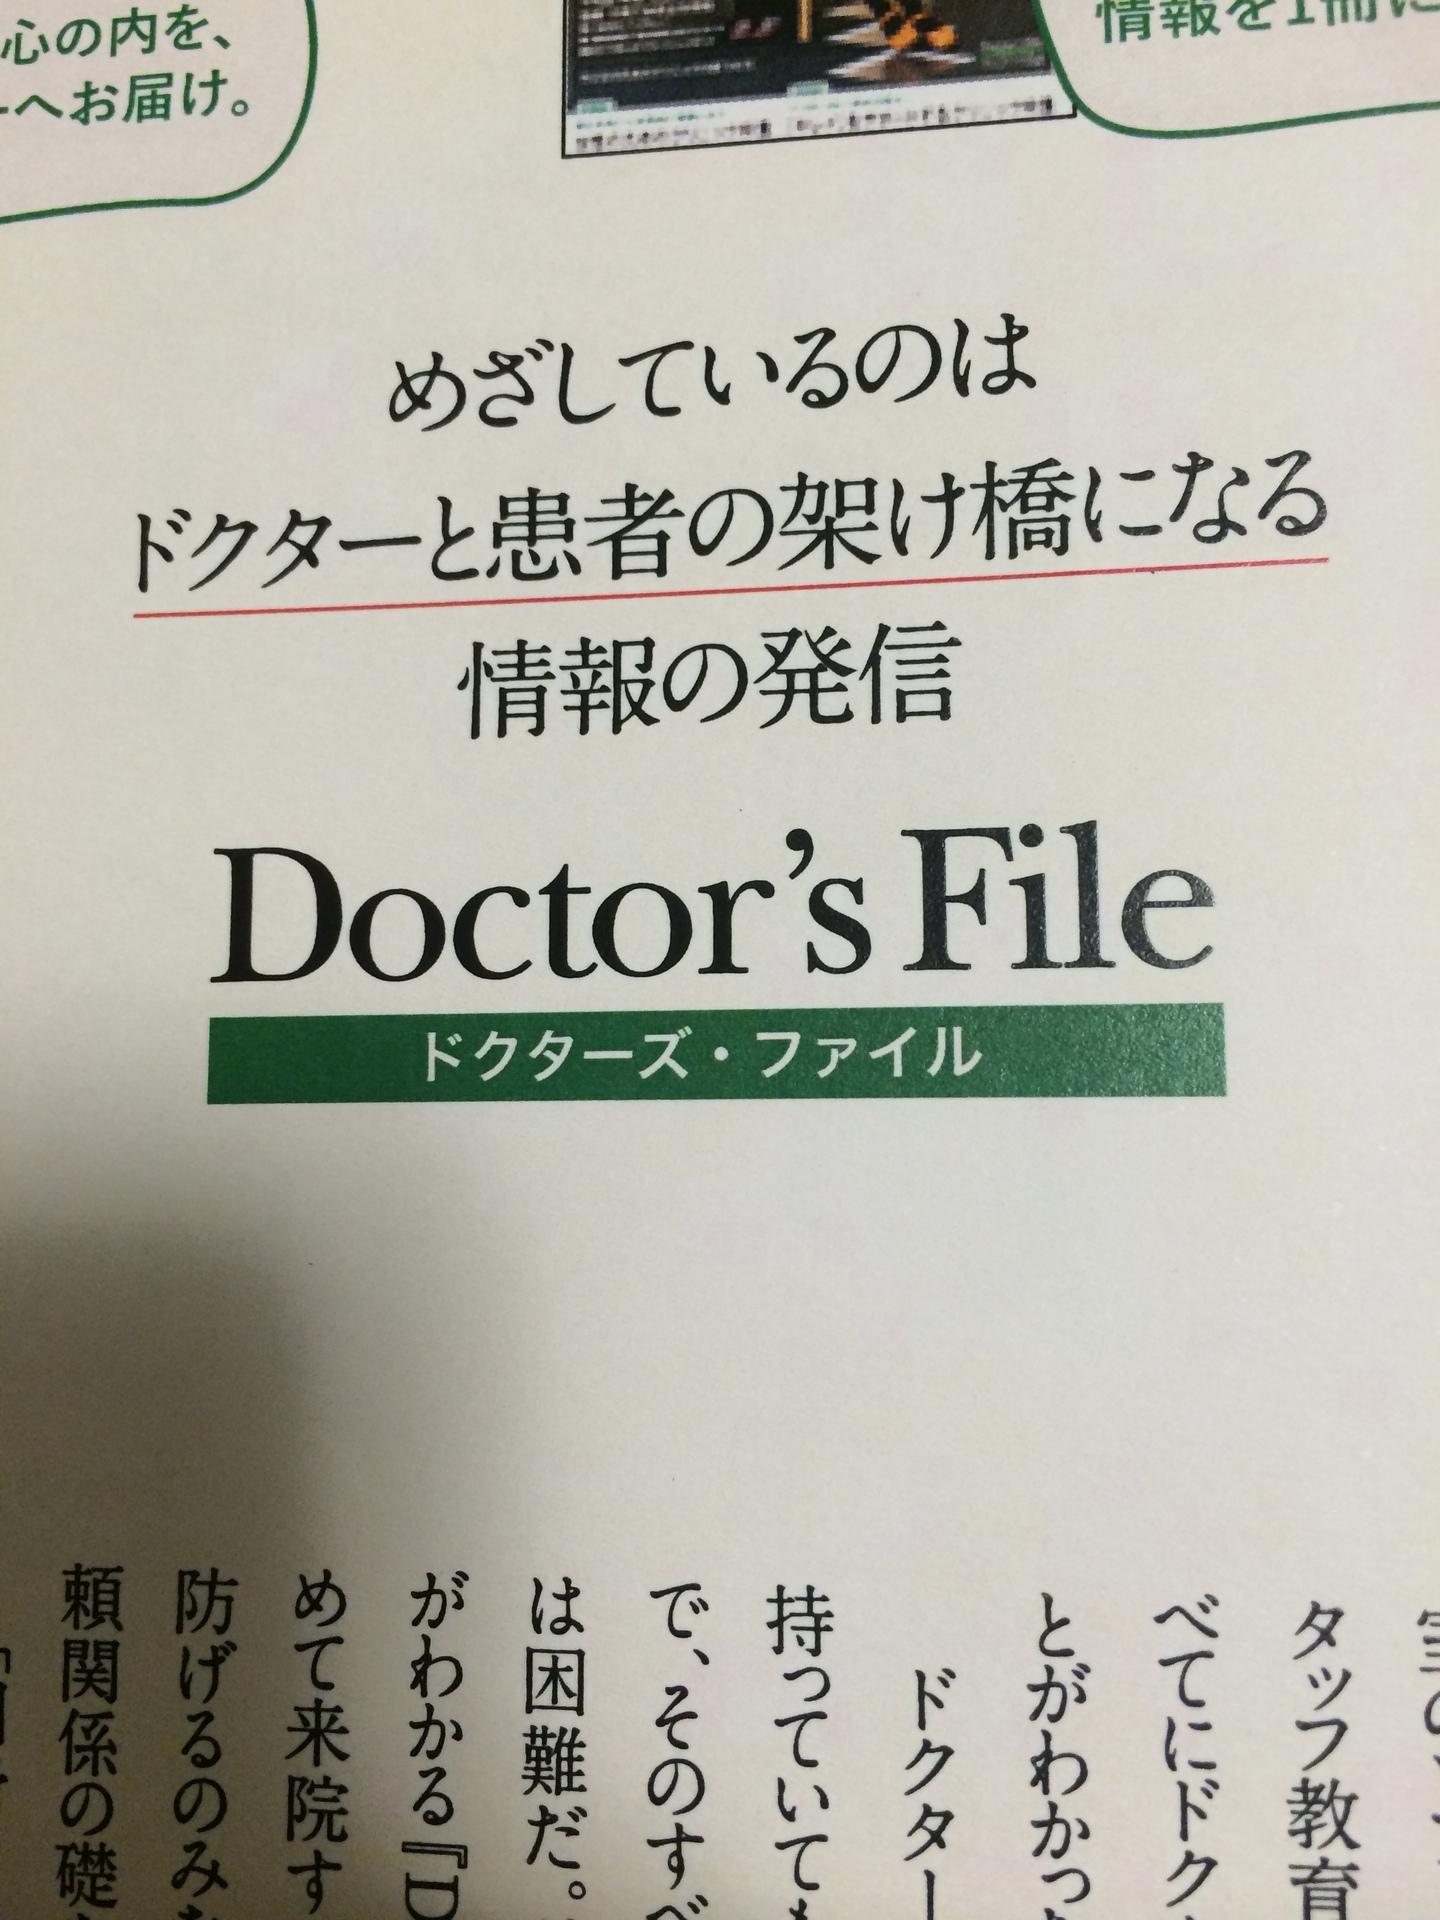 ドクターズファイルとは